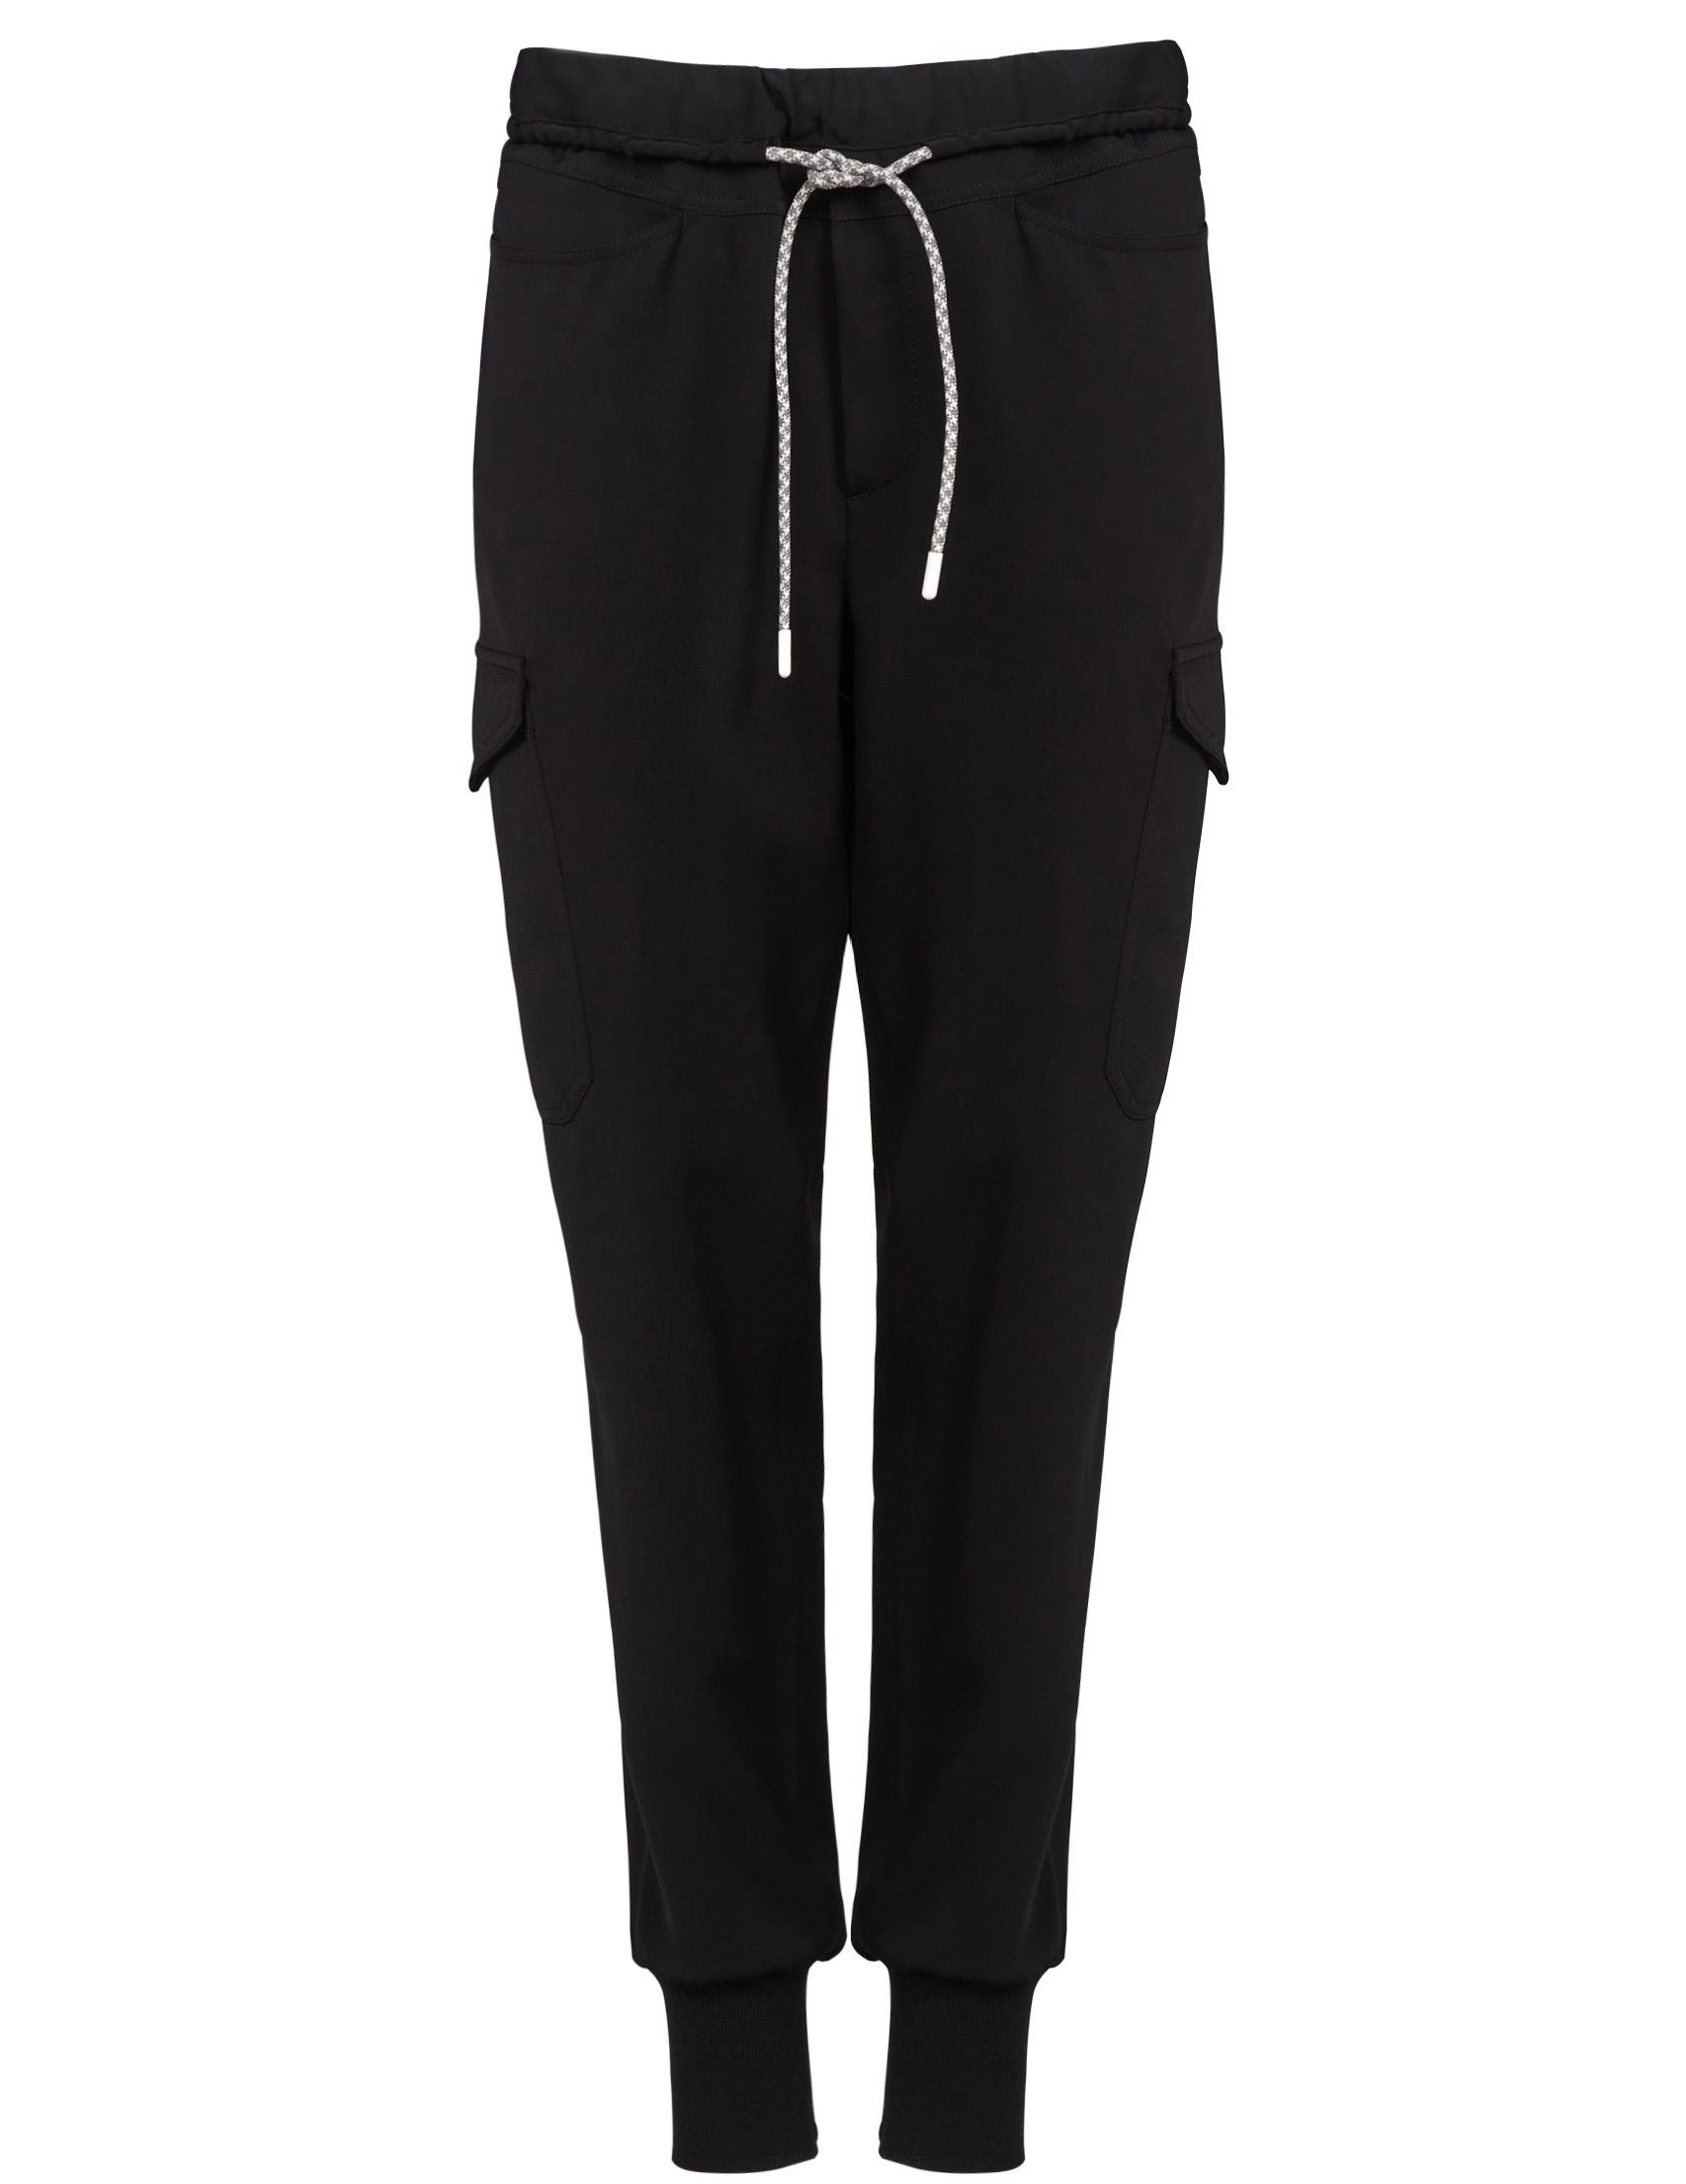 Купить Спортивные брюки, CLOSED, Черный, 100%Полиэстер, Весна-Лето